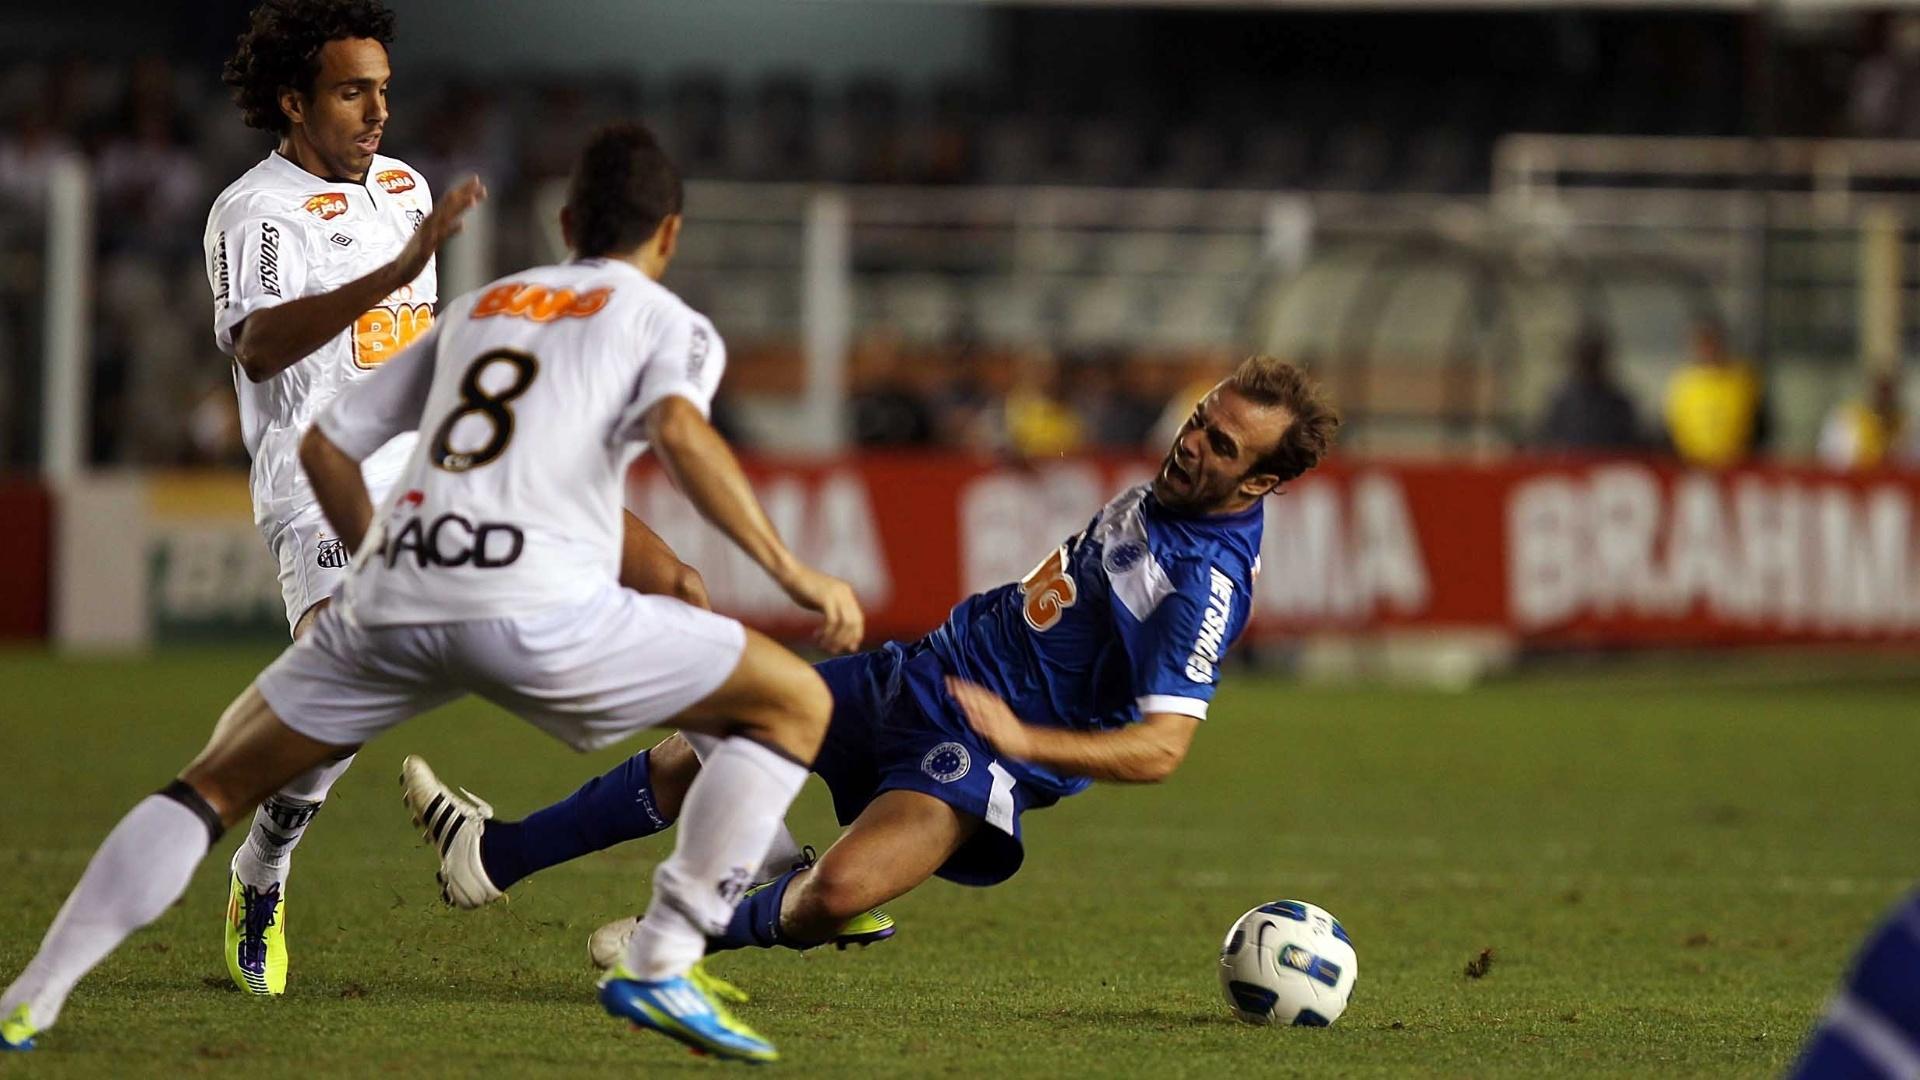 Cruzeirense Roger cai durante disputa de bola com jogadores do Santos (10/09/2011)